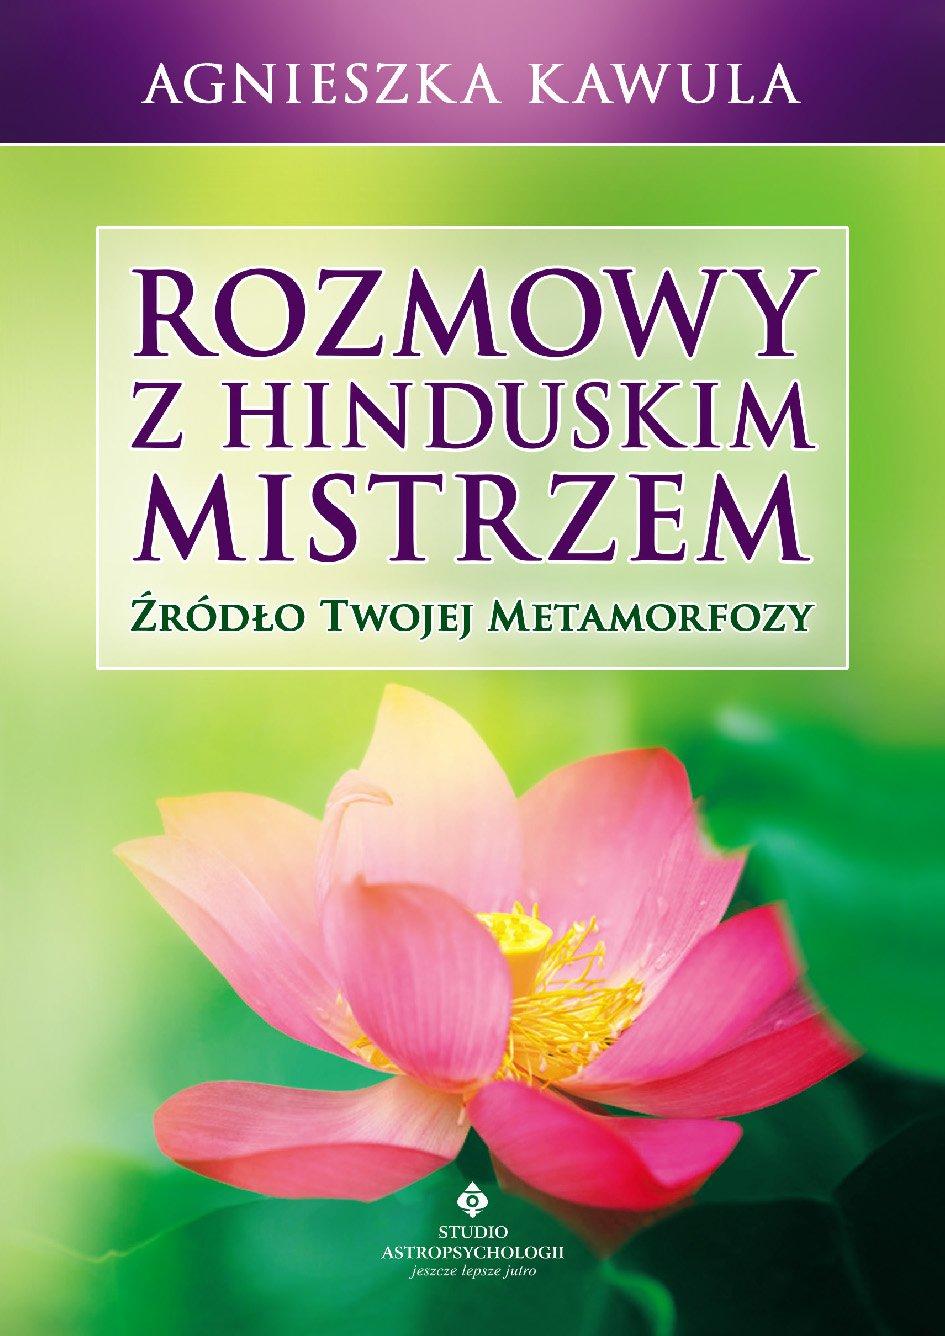 Rozmowy z hinduskim mistrzem. Źródło twojej metamorfozy - Ebook (Książka na Kindle) do pobrania w formacie MOBI